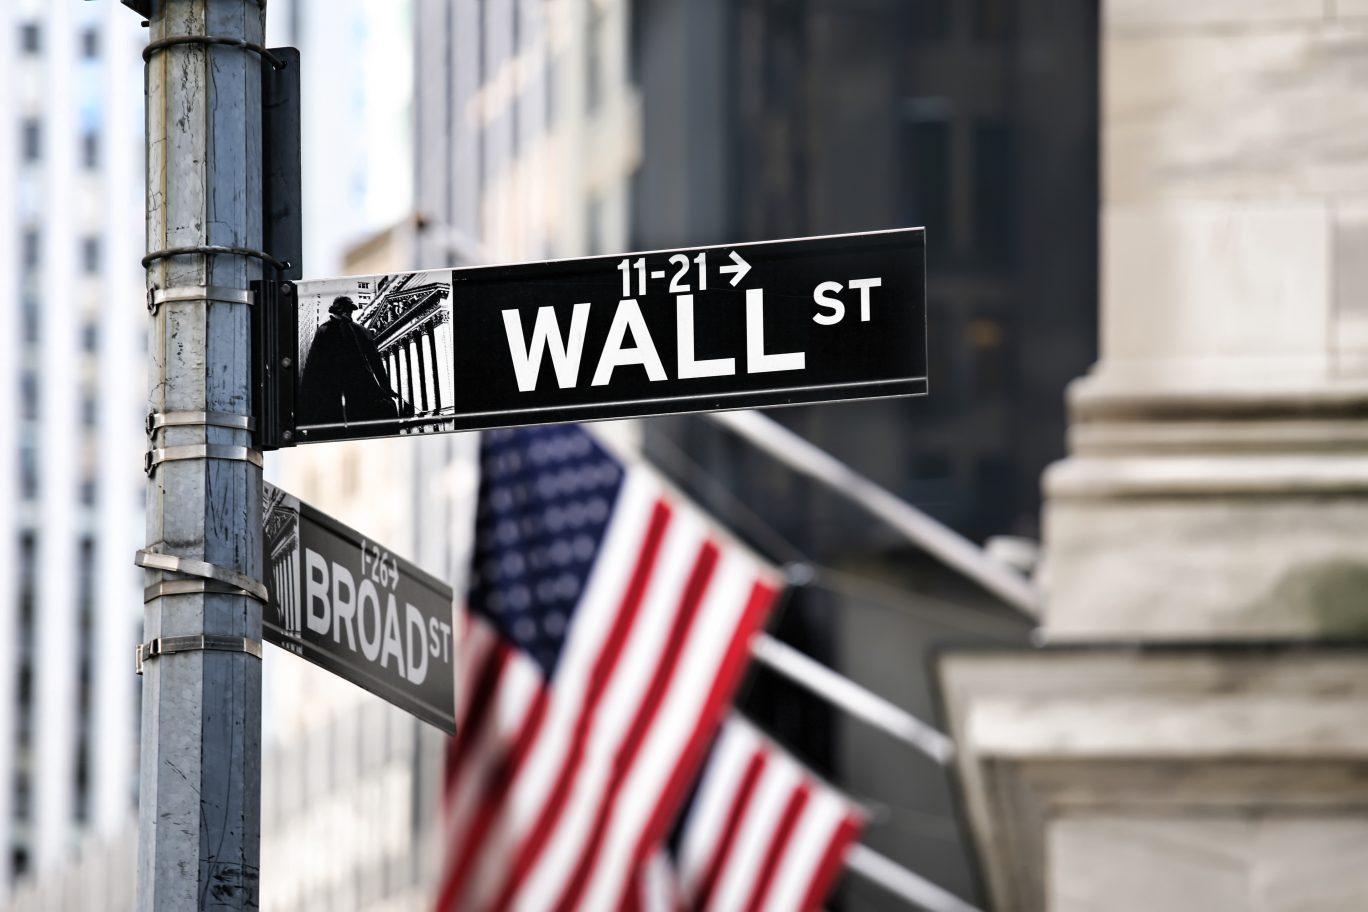 estados unidos-wall street-bancos-bitcoin-inversion